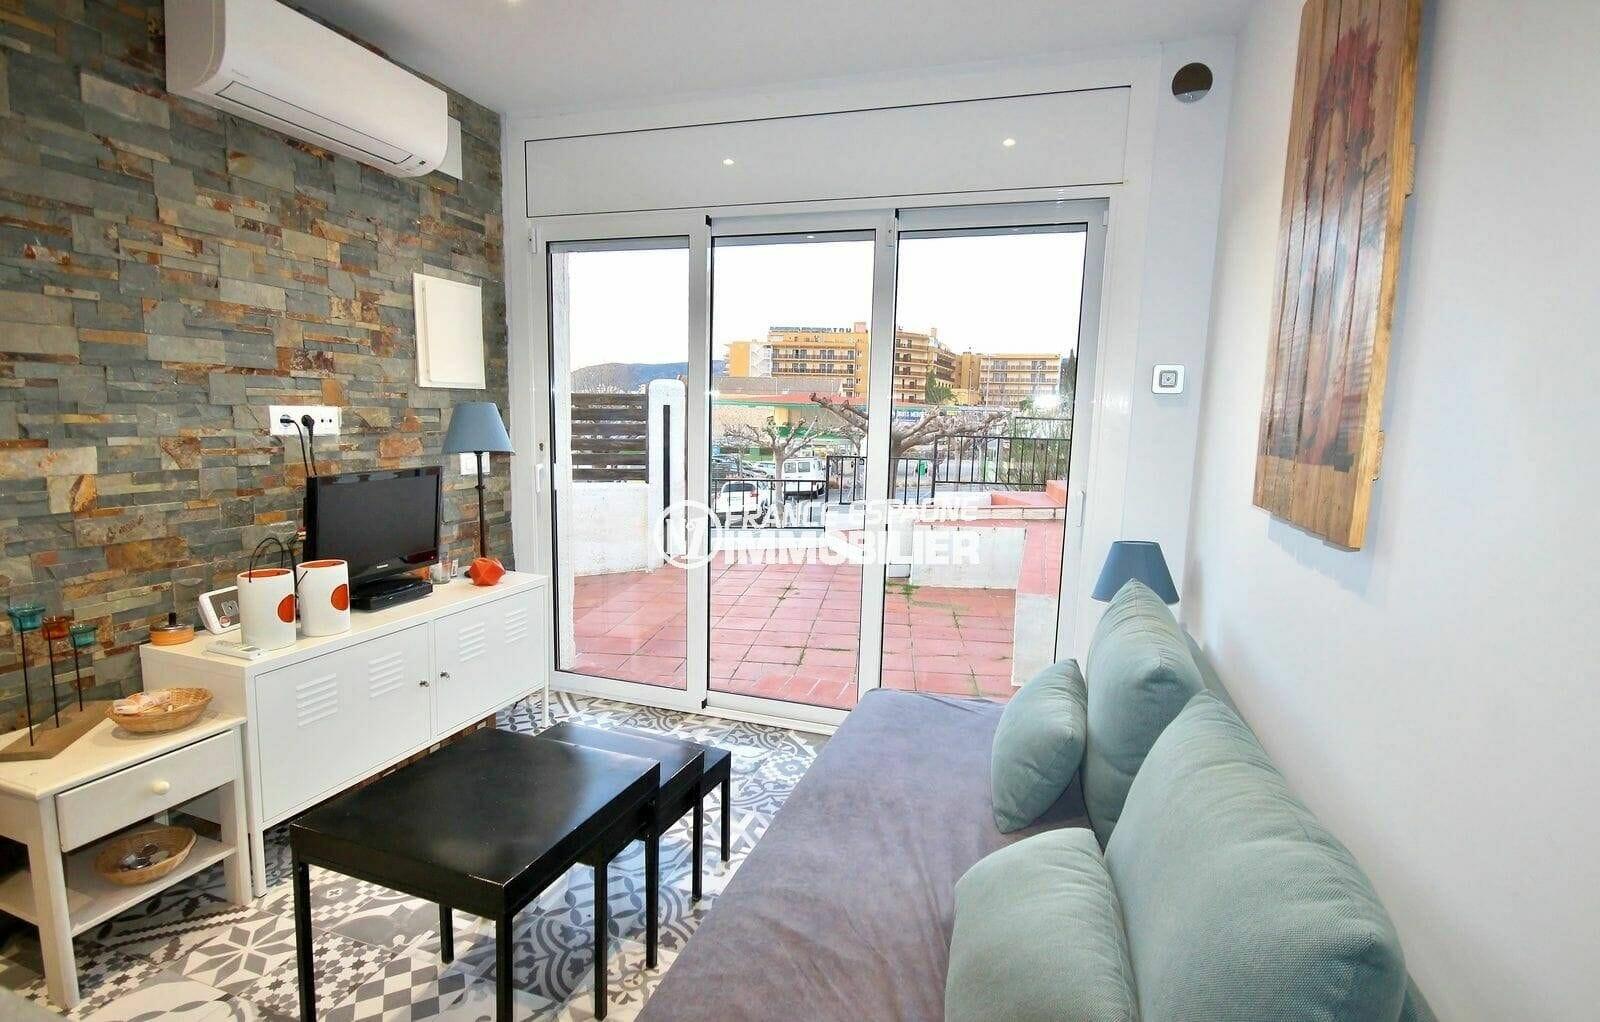 maison a vendre a rosas, villa rénovée avec salon / séjour moderne